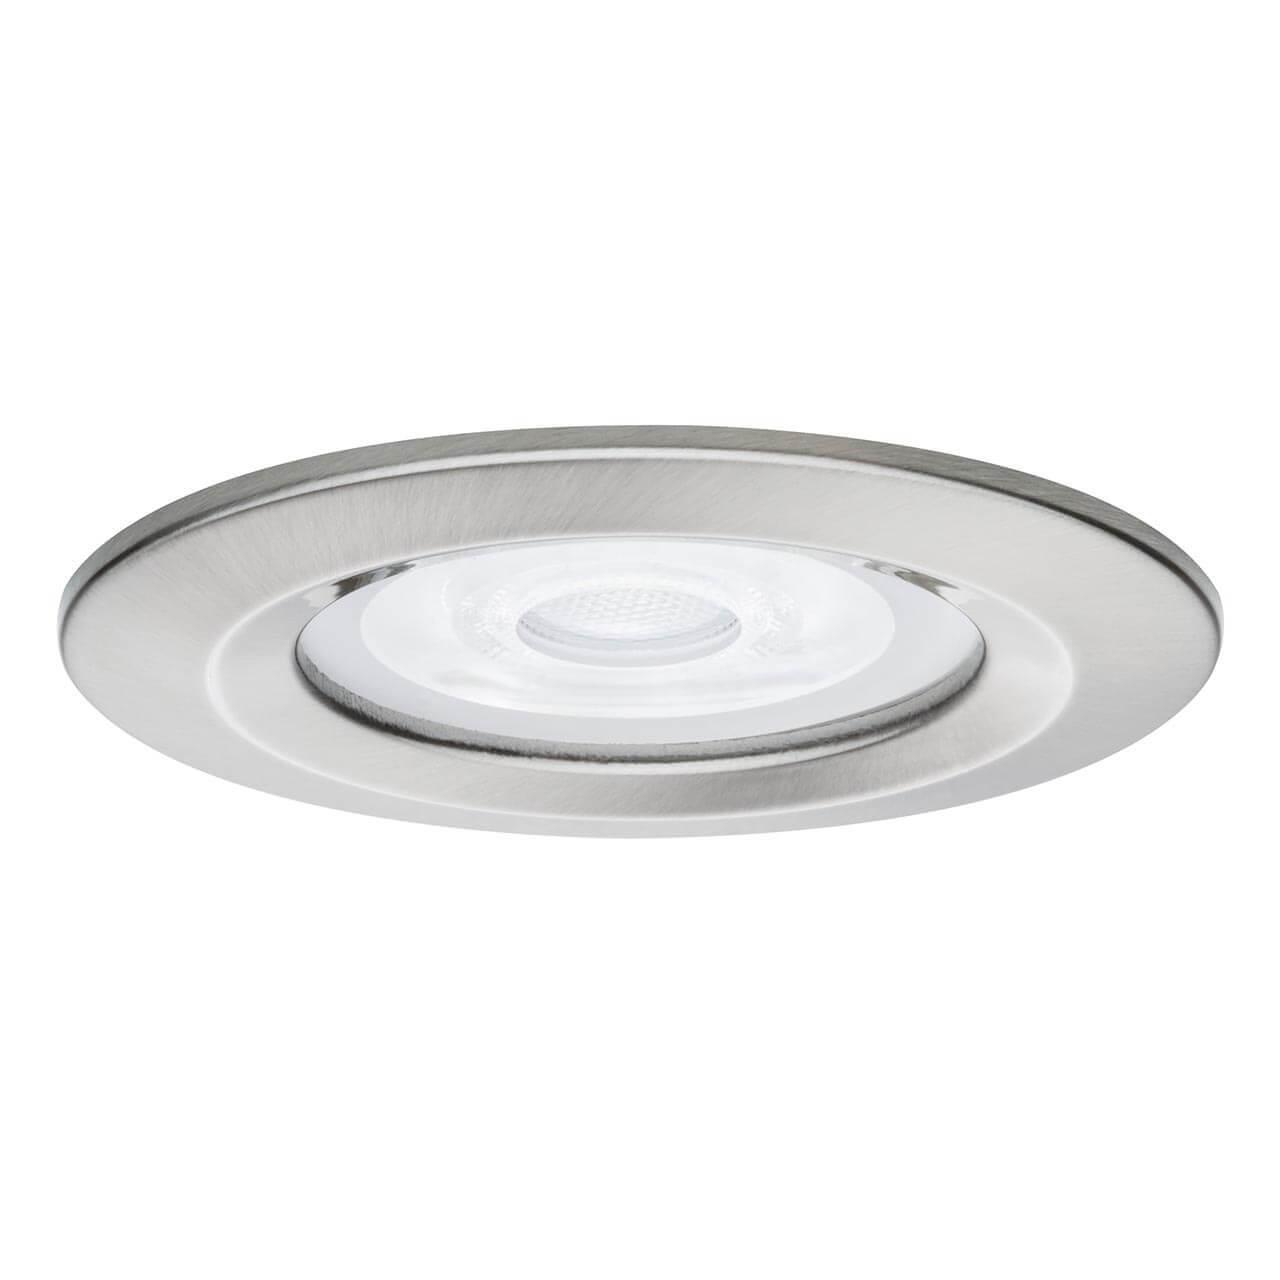 Встраиваемый светодиодный светильник Paulmann Nova 93595